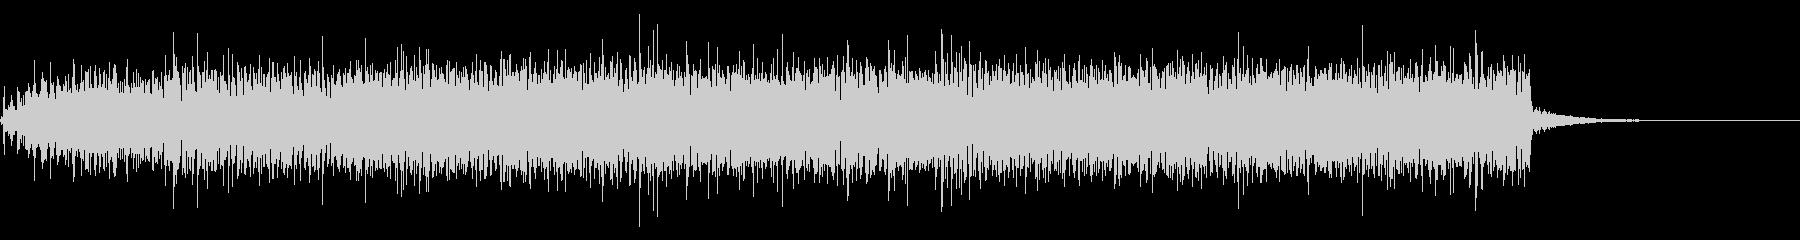 古いムービープロジェクターの回転音+Fxの未再生の波形